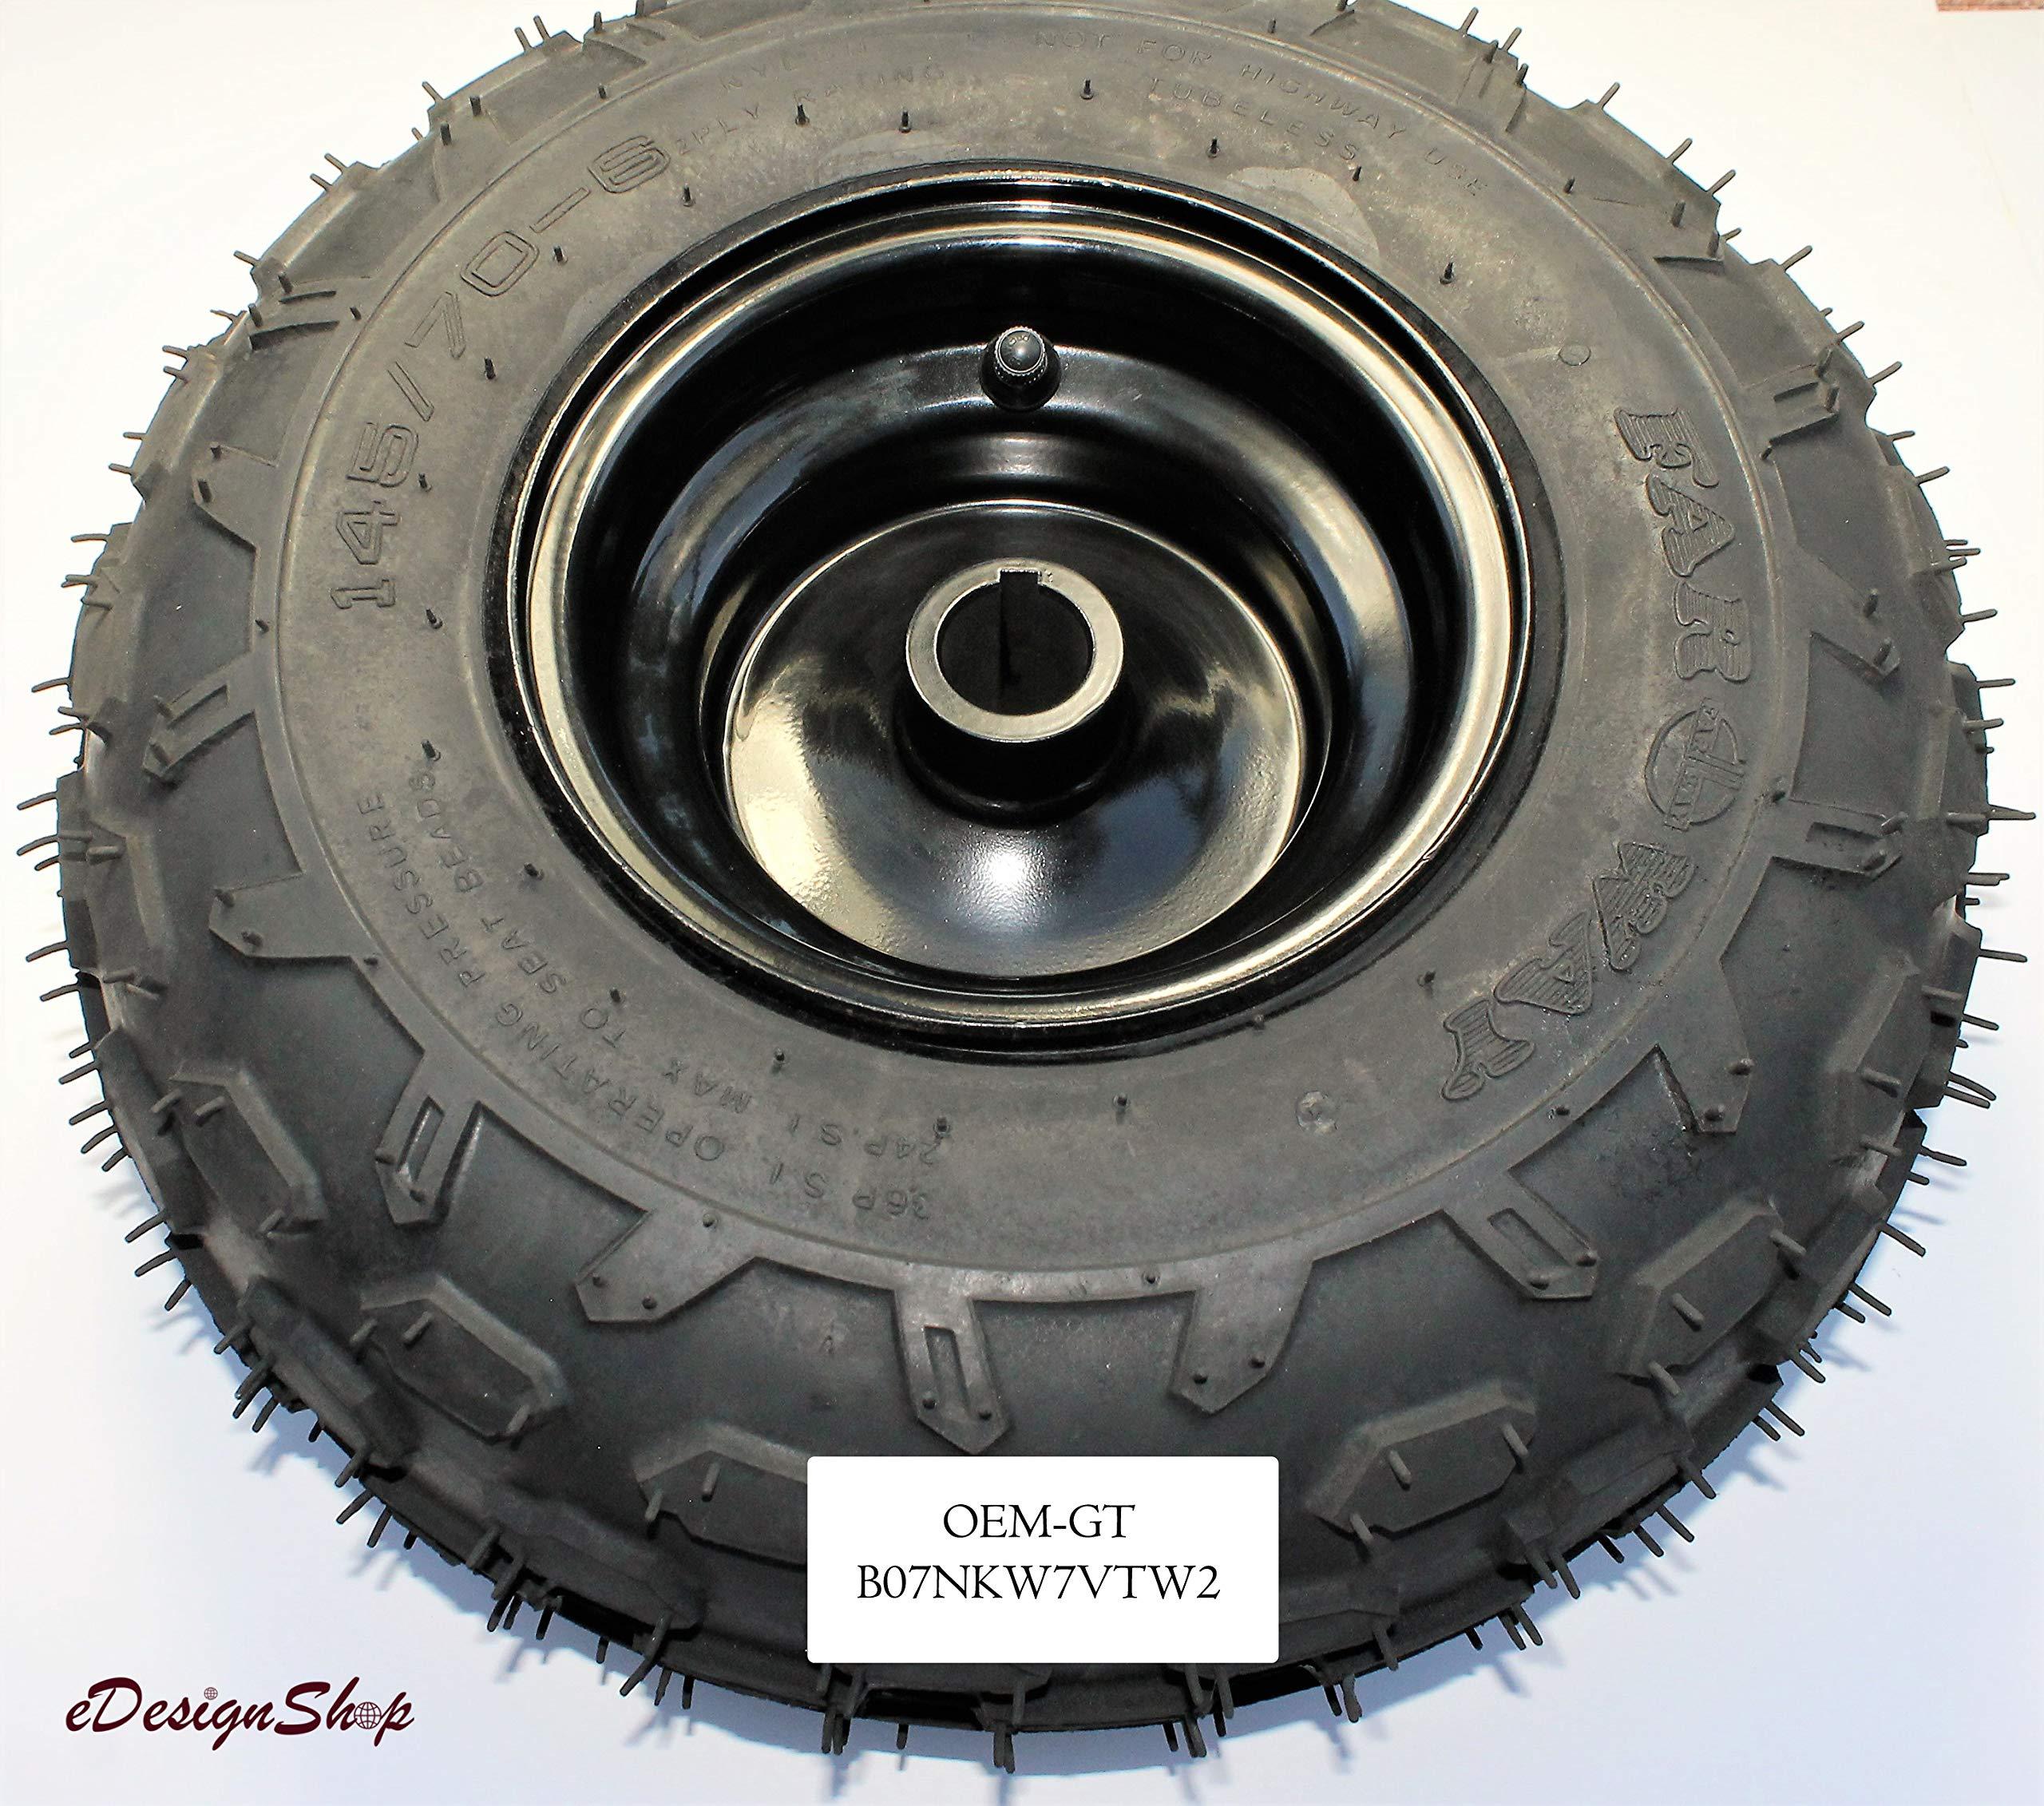 Go-Kart ATV Tire Wheel Assembly 145/70-6 Rim Knobby Go Kart Mini Bike. 2 PACK by OEM-GT